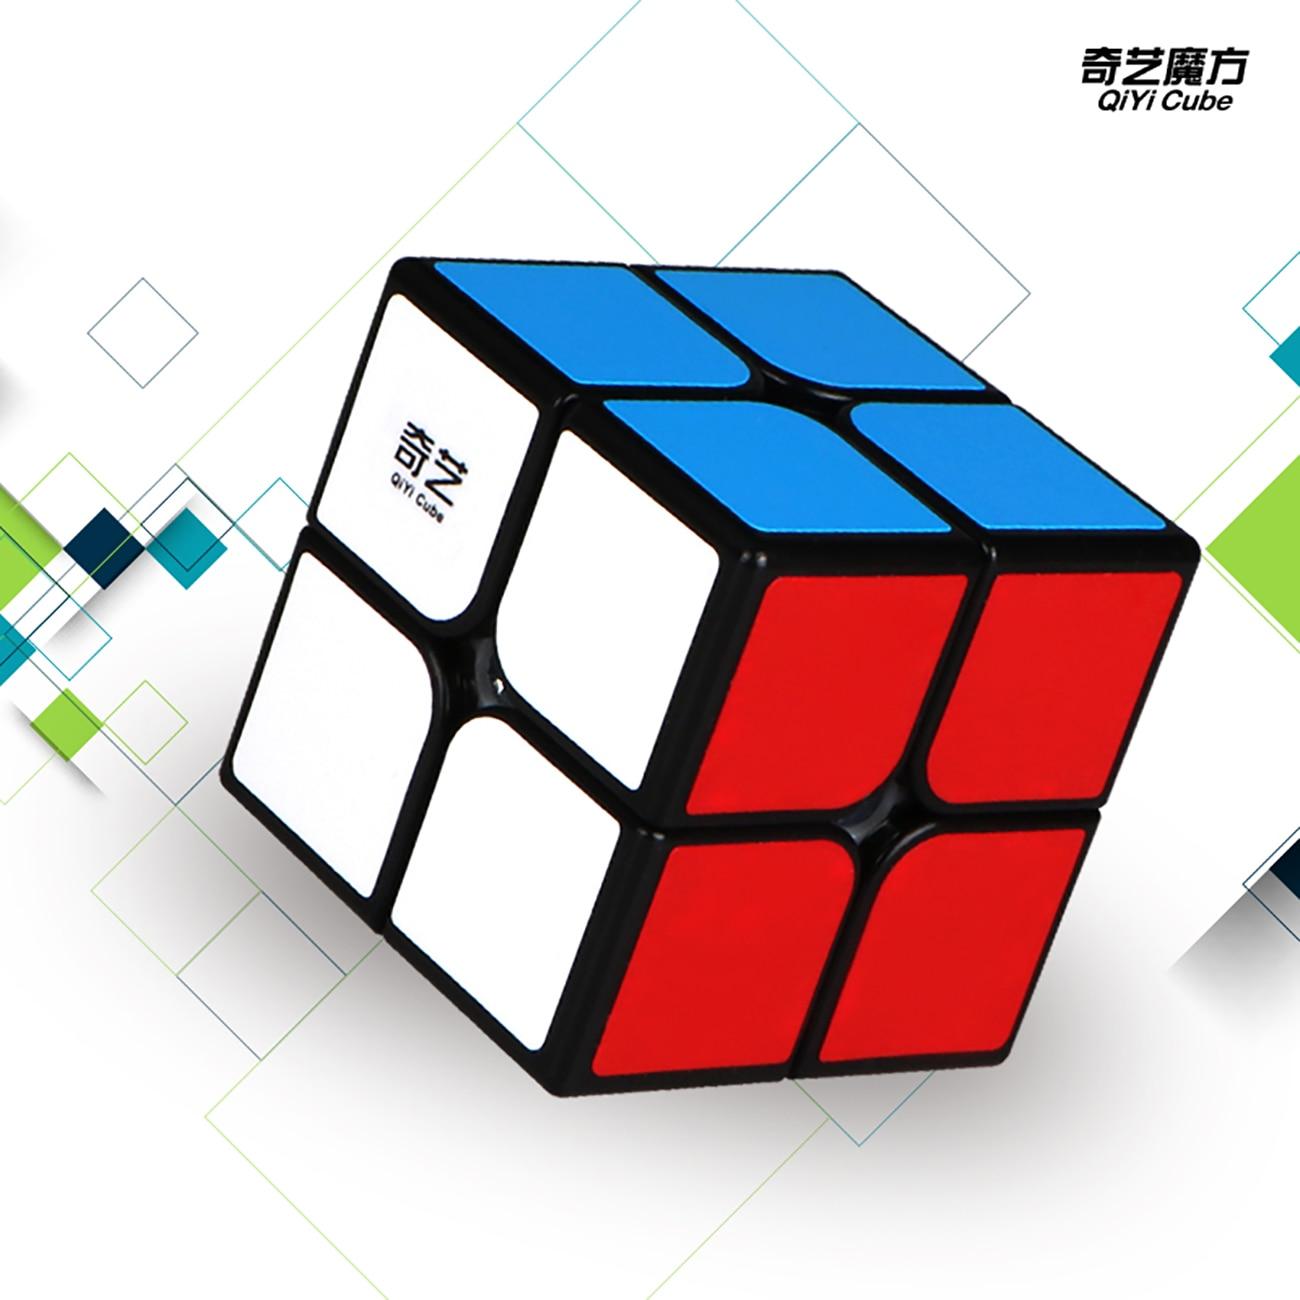 Cheapest QiYi 2x2x2 Magic Cube Sail W Professional Qidi S 2x2x2 3x3 Speed Puzzle 2x2 Cubo Magico Educational Toys qiyi sail w 3x3x3 magic cube speed cubes puzzle neo cube 3x3 cubo magico educational toys professional 3x3 speed cube